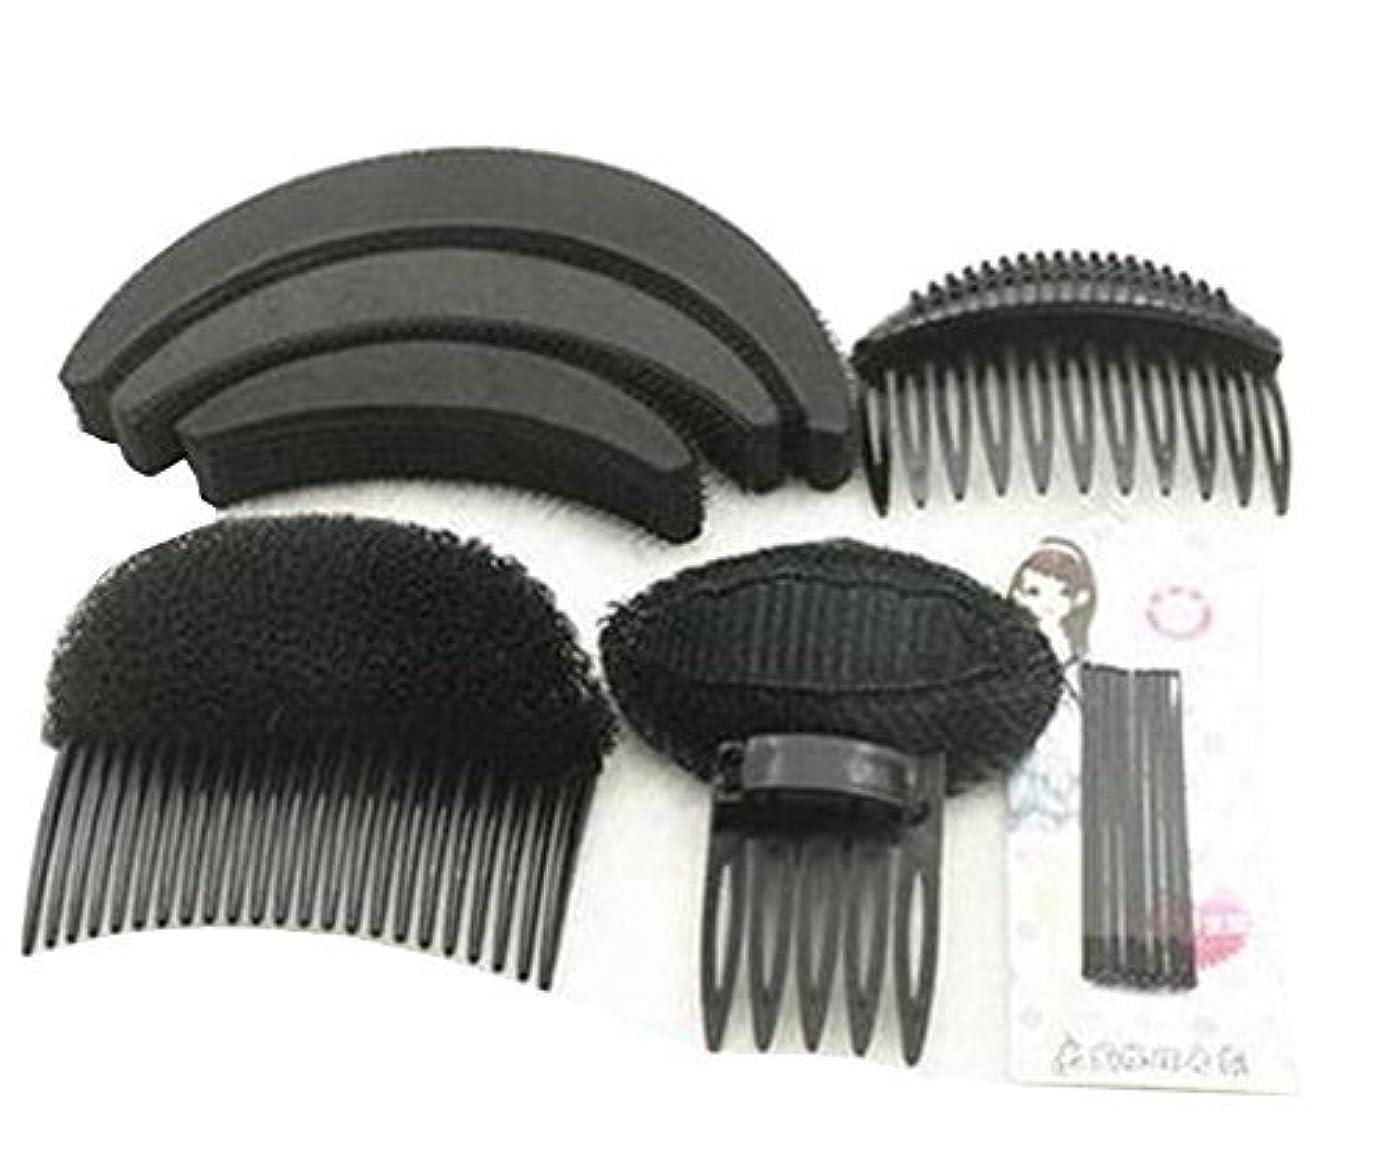 降下ウォルターカニンガム採用する1 Set As picture Shown Hair Styler Styling Tool DIY Hairpin Bump Up Inserts Base Comb Bumpits Bump Foam Pads Braiding...